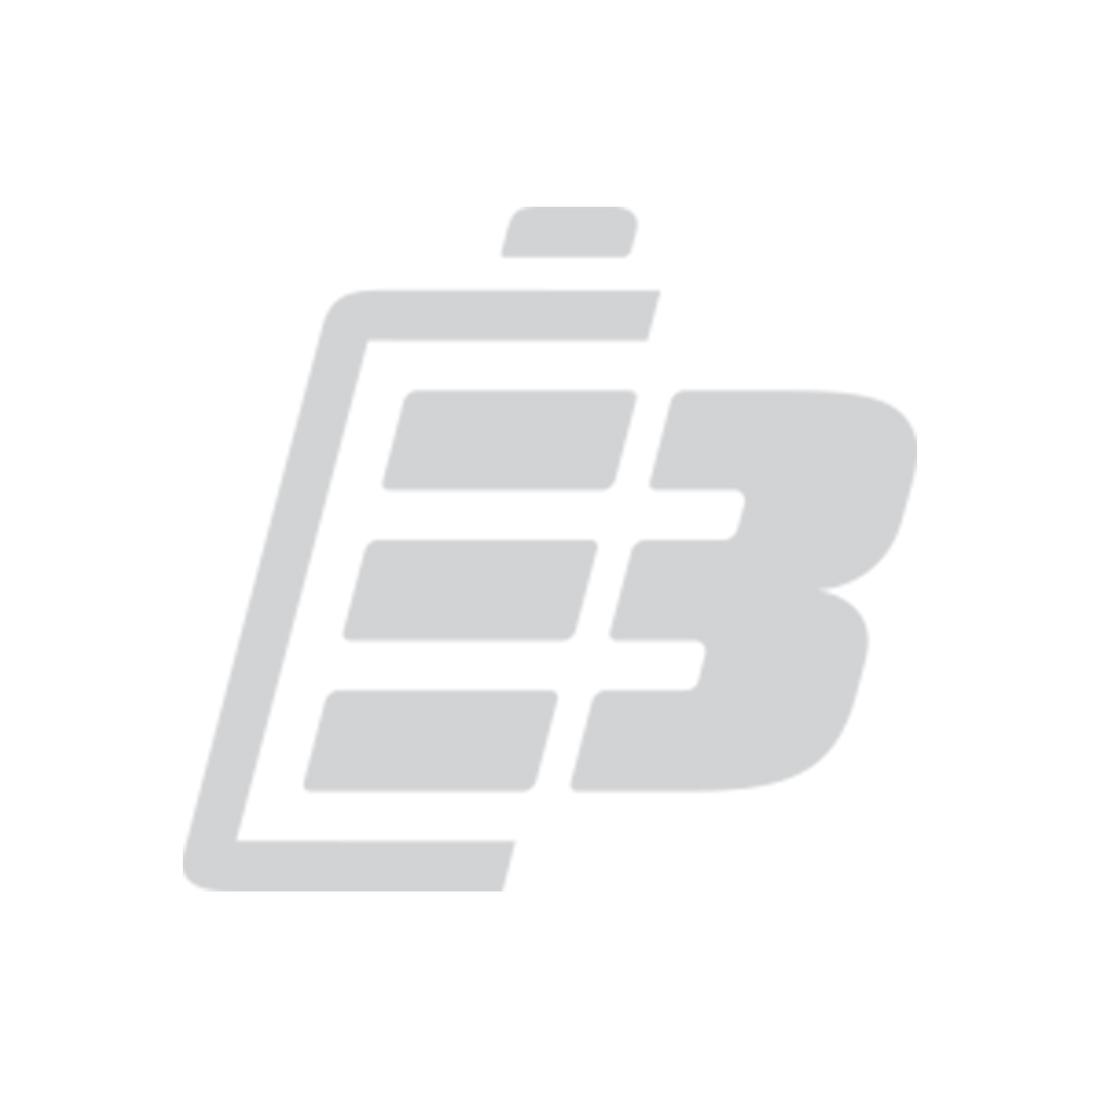 Μπαταρία ασύρματου τηλεφώνου Panasonic HHR-P107_1